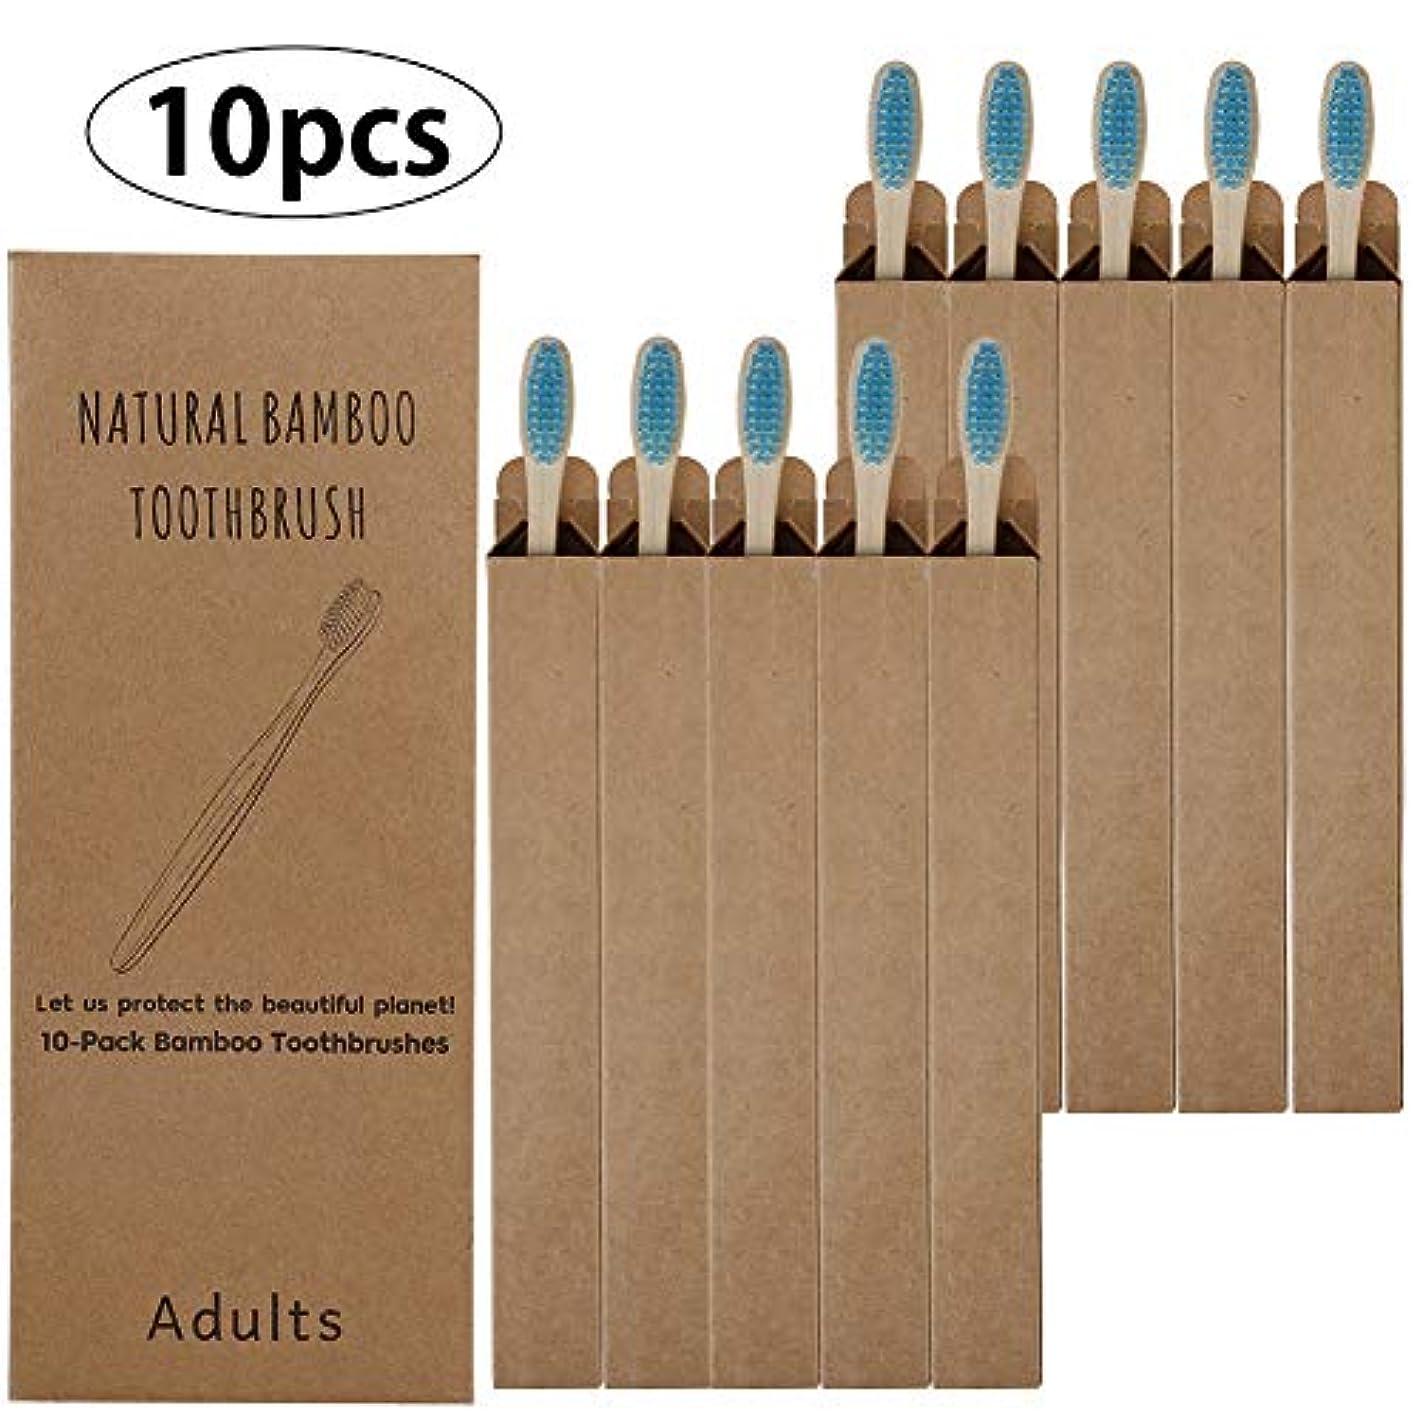 DC 10pcs 竹歯ブラシ 柔らかいブラシ 環境に優しい歯ブラシ 分解性 口腔ケア 子供用ハブラシ 家庭用 旅行用歯ブラシ Blue青